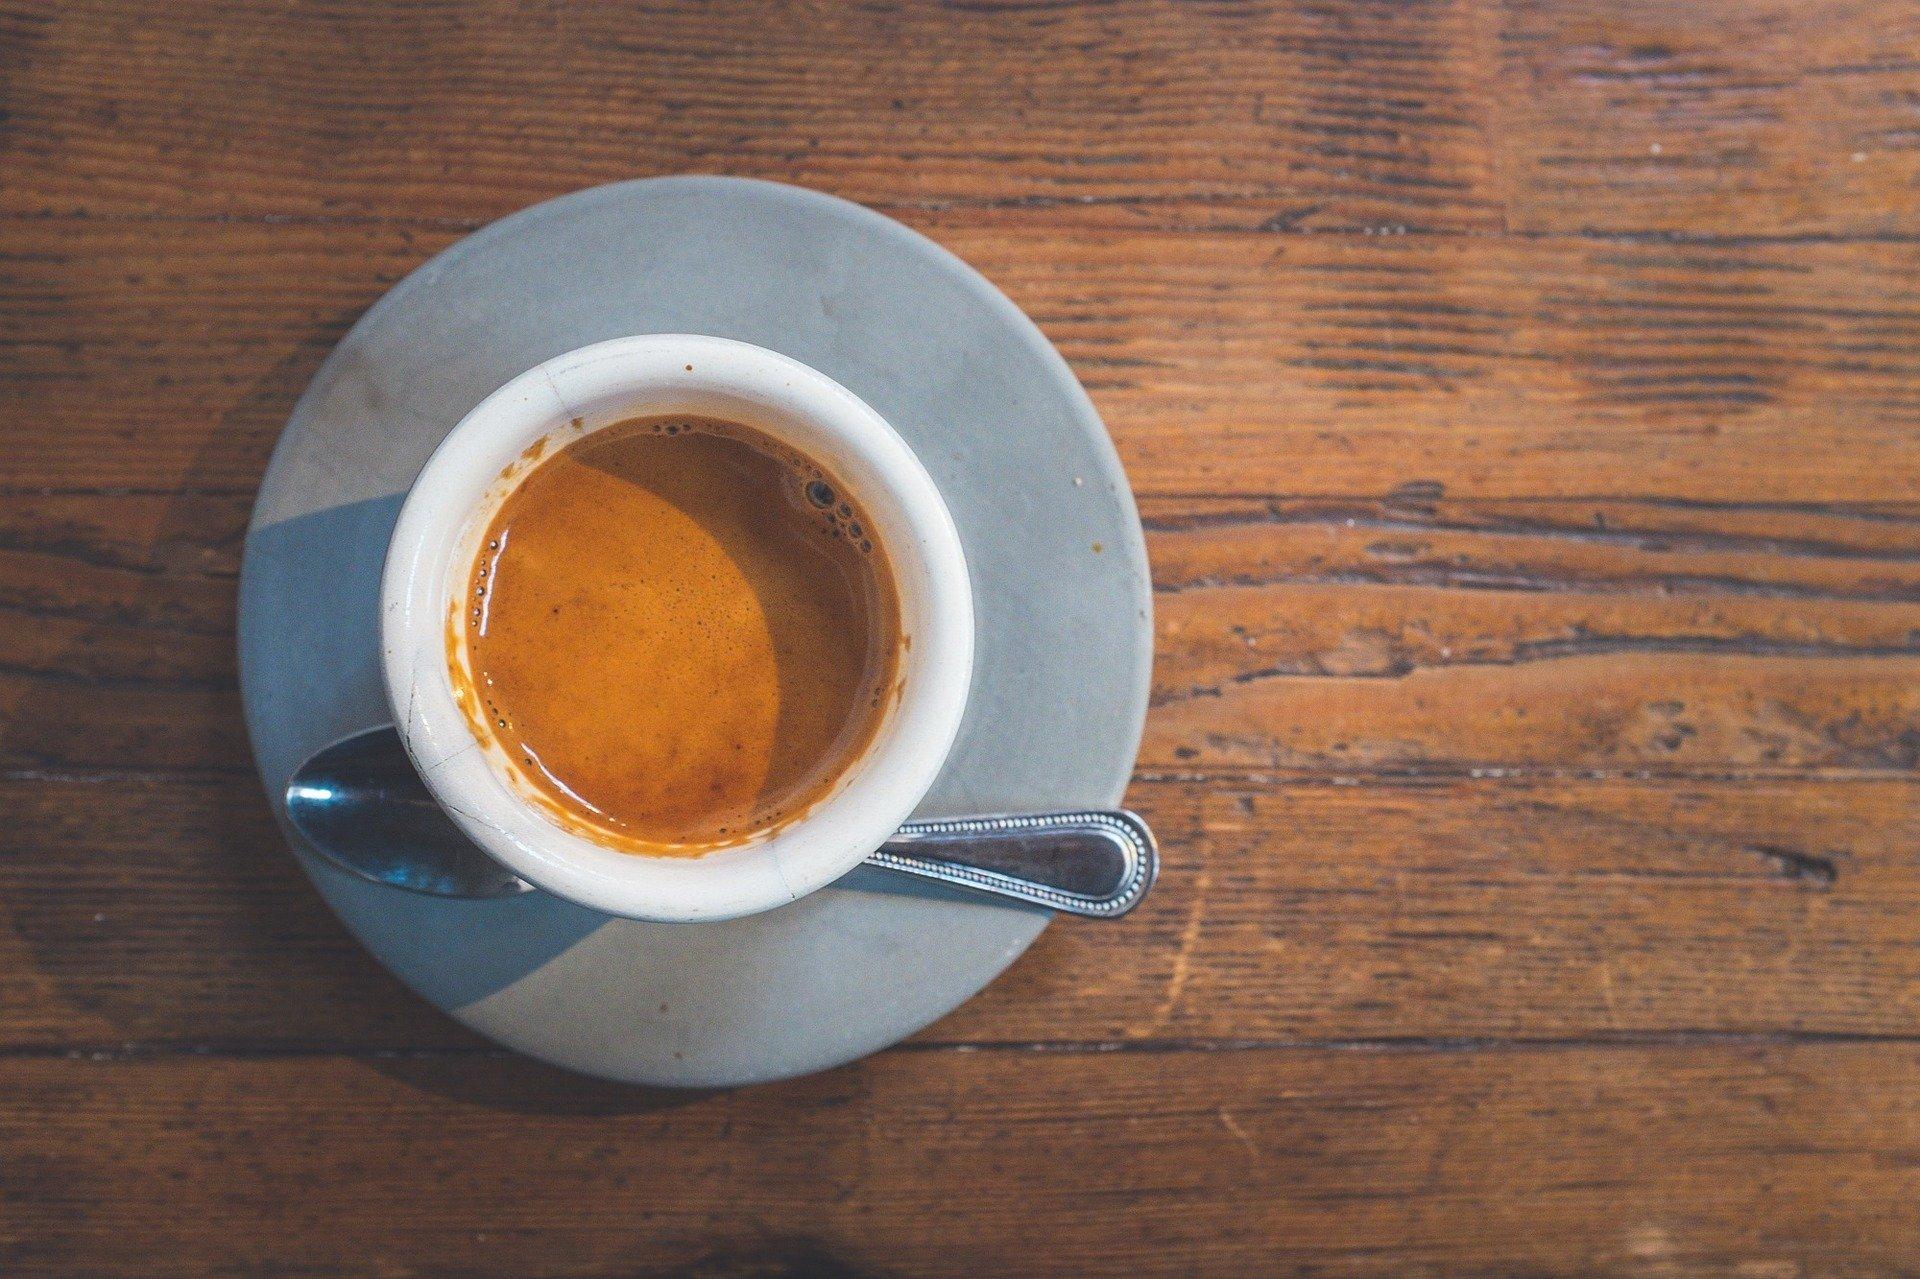 Kopi berukuran short hanya untuk kopi panas dan harga lebih murah